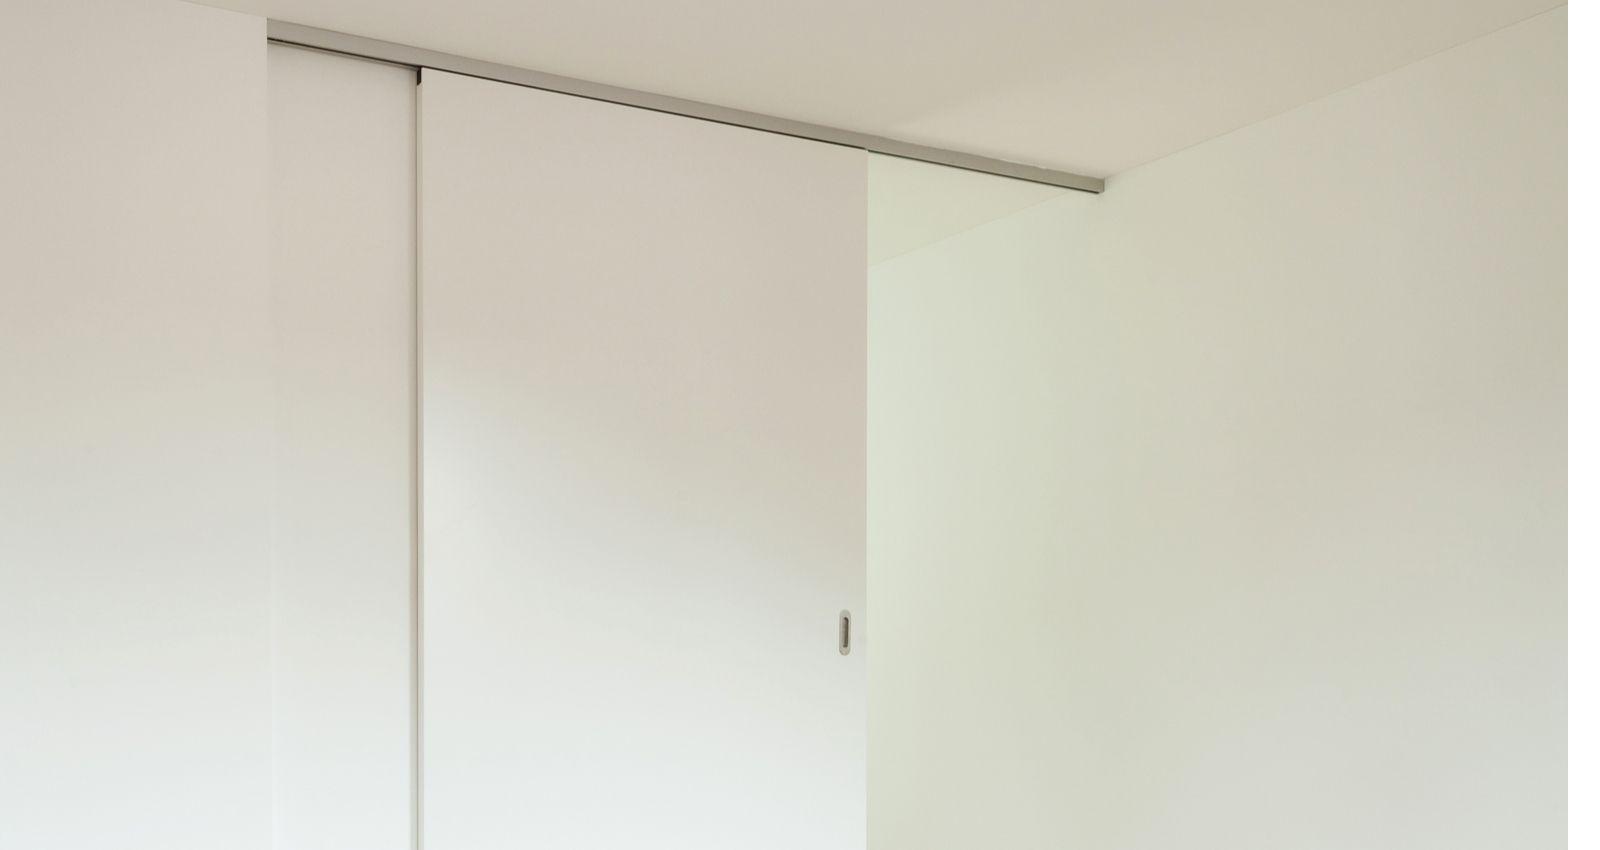 Joint Phonique Porte Coulissante comment installer une porte coulissante ? prix, coût, devis